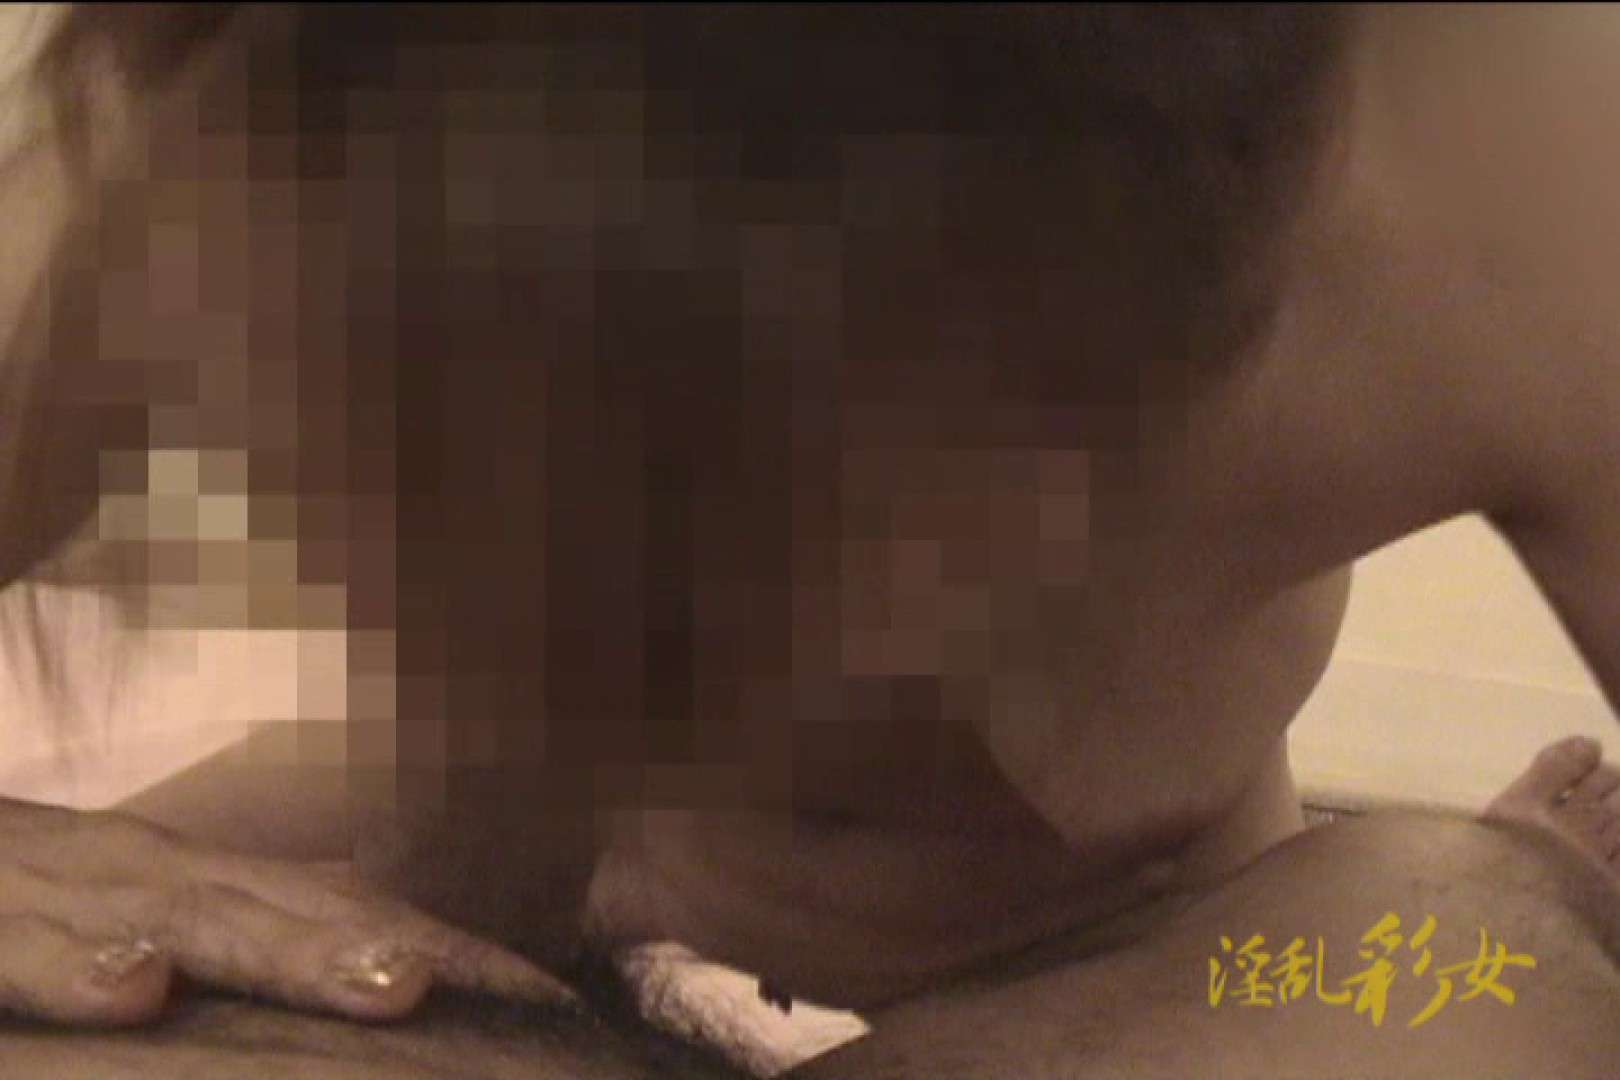 淫乱彩女 麻優里 オムニバスそして顔射 一般投稿  100pic 52